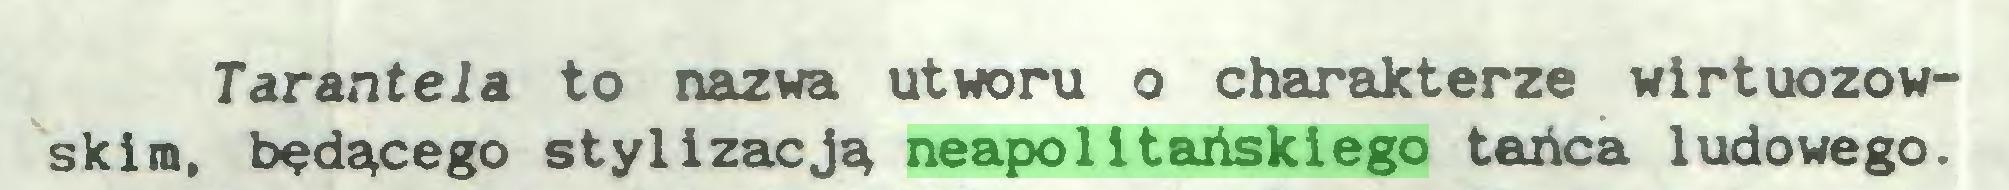 (...) Tarantela to nazwa utworu o charakterze wirtuozowskim, będącego stylizacją neapolHańskiego tańca ludowego...